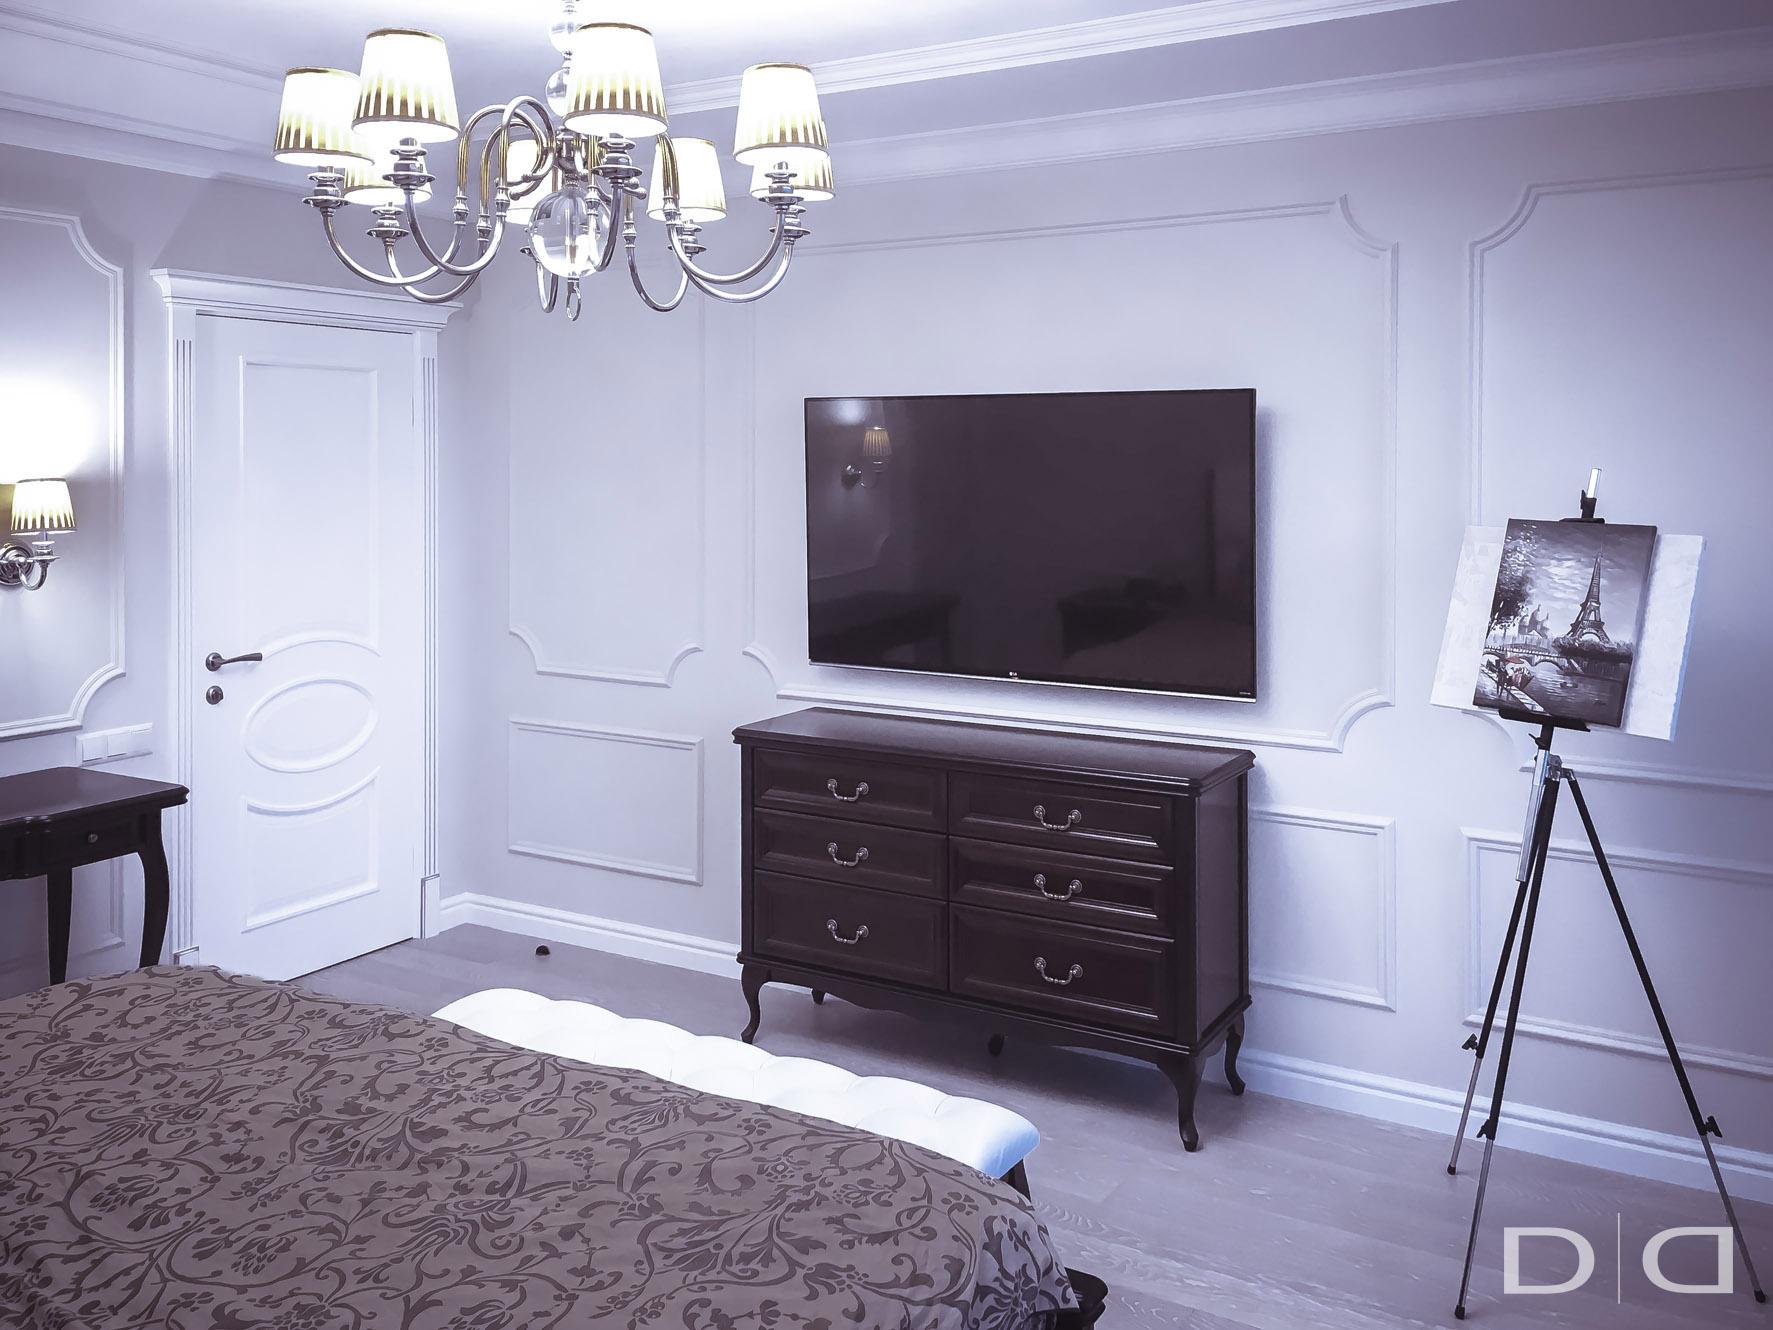 101_dd-interior_studio_design_project_minsk_009-12